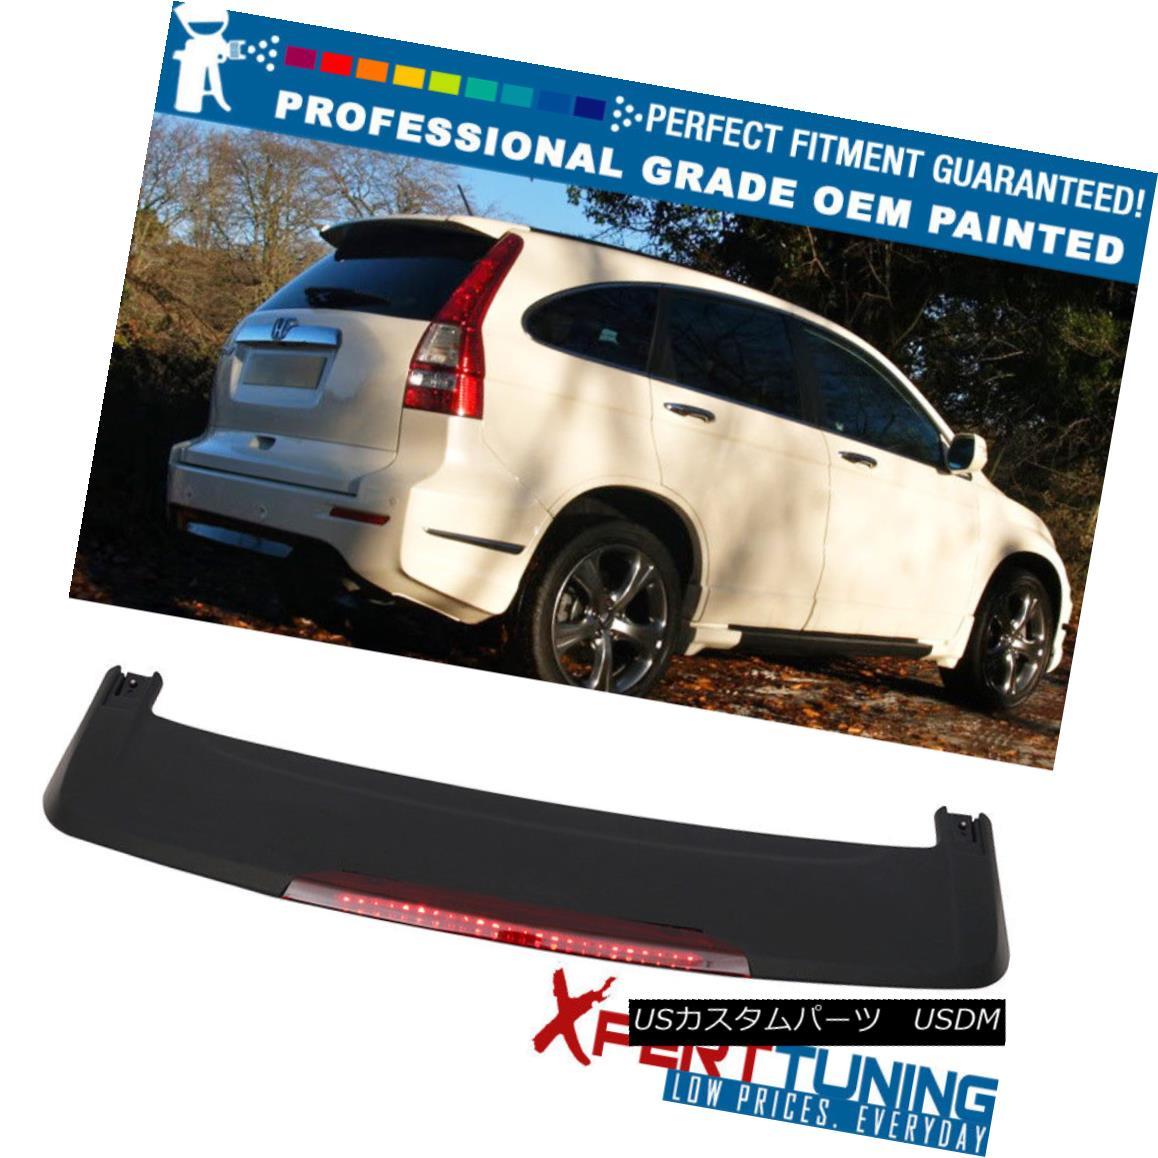 エアロパーツ Fit 07-11 Honda CRV OE Style Painted Roof Spoiler & LED Brake OEM Painted Color フィット07-11ホンダCRV OEスタイル塗装ルーフスポイラー& LEDブレーキOEM塗装色